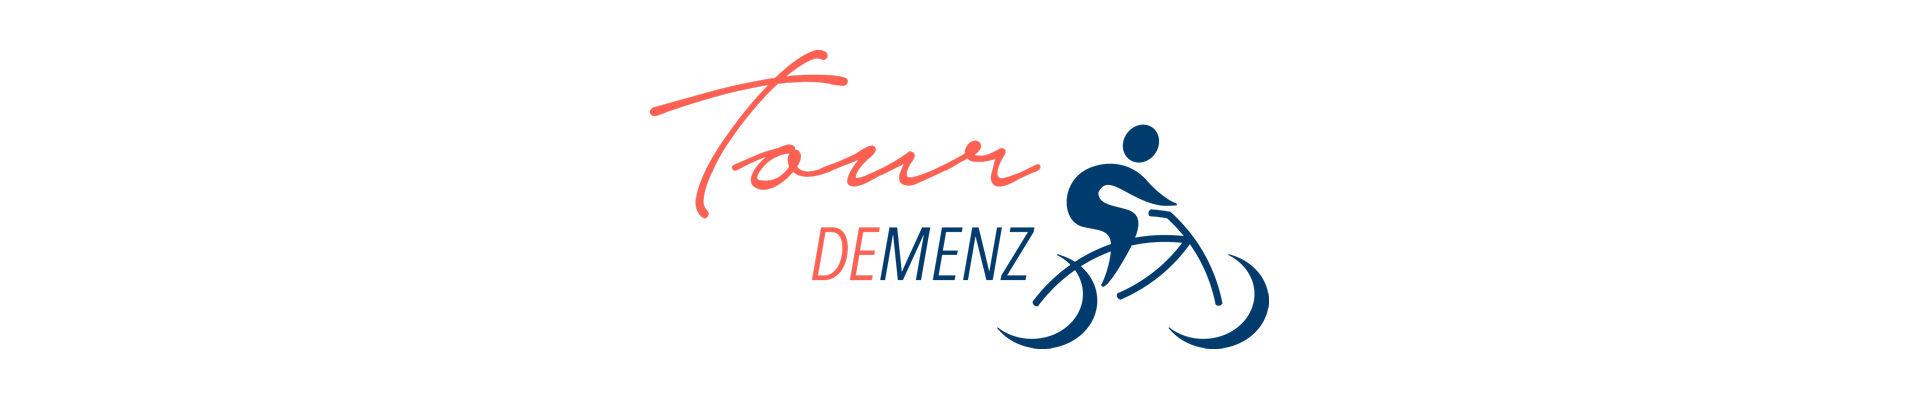 Schriftzug Startseite Tour Demenz